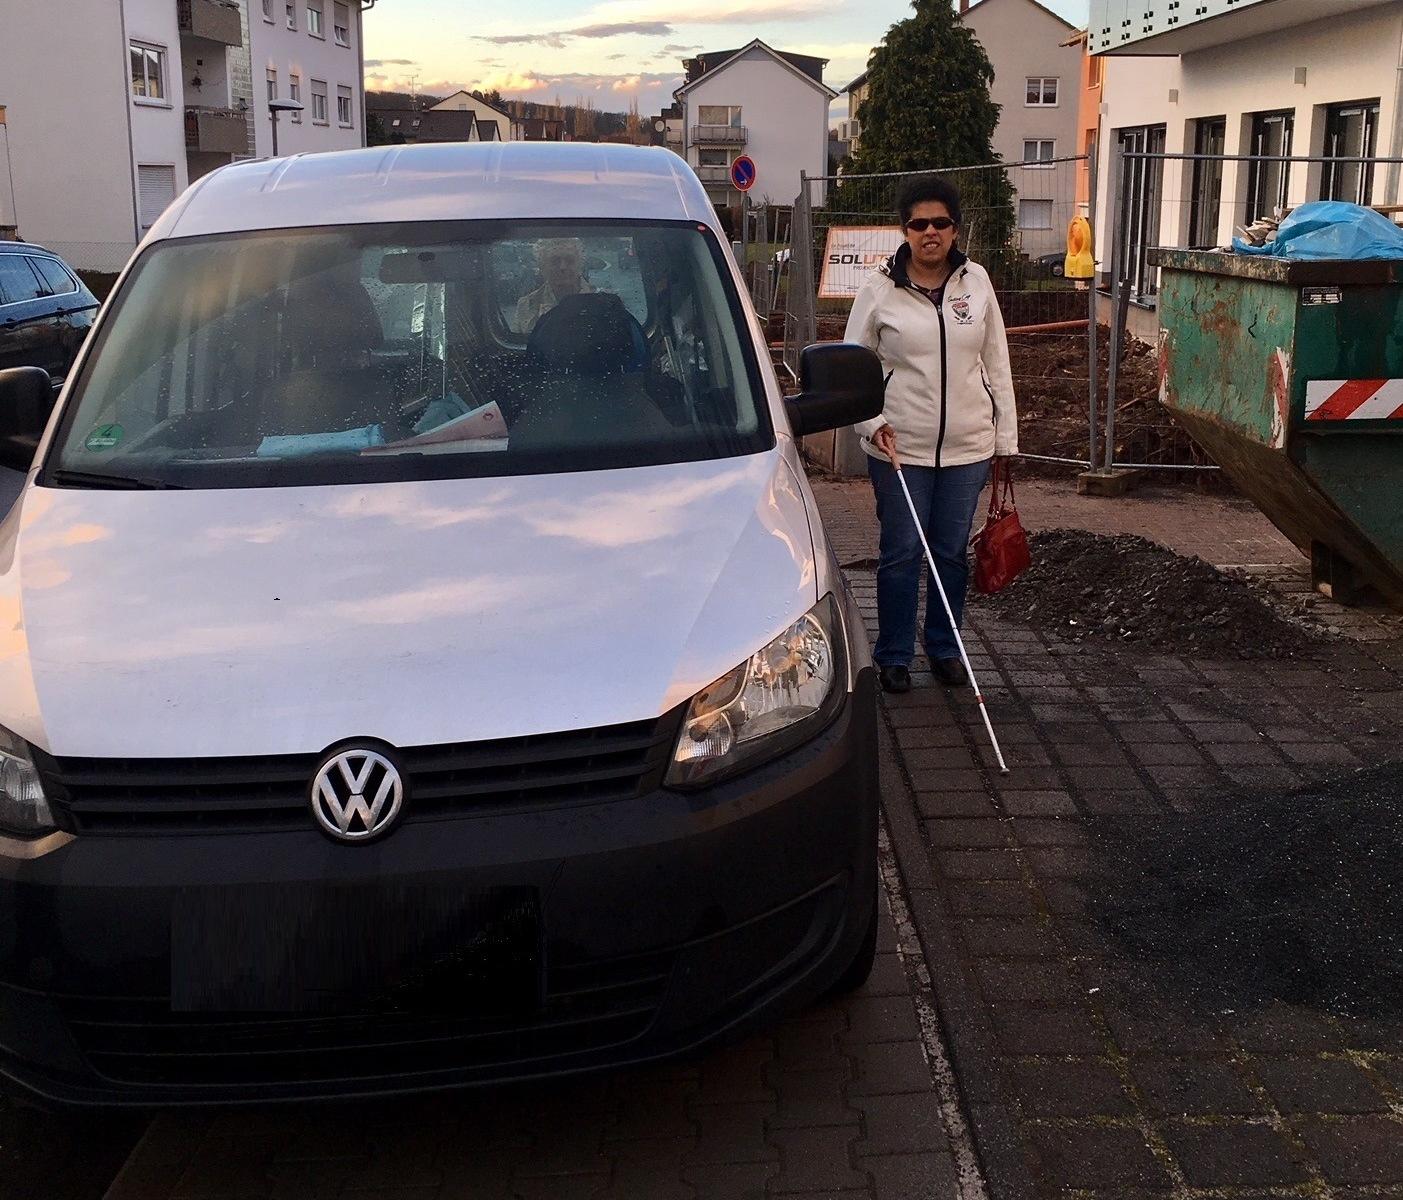 Lydia läuft mit Blindenstock an einem zu eng parkendem Auto entlang.